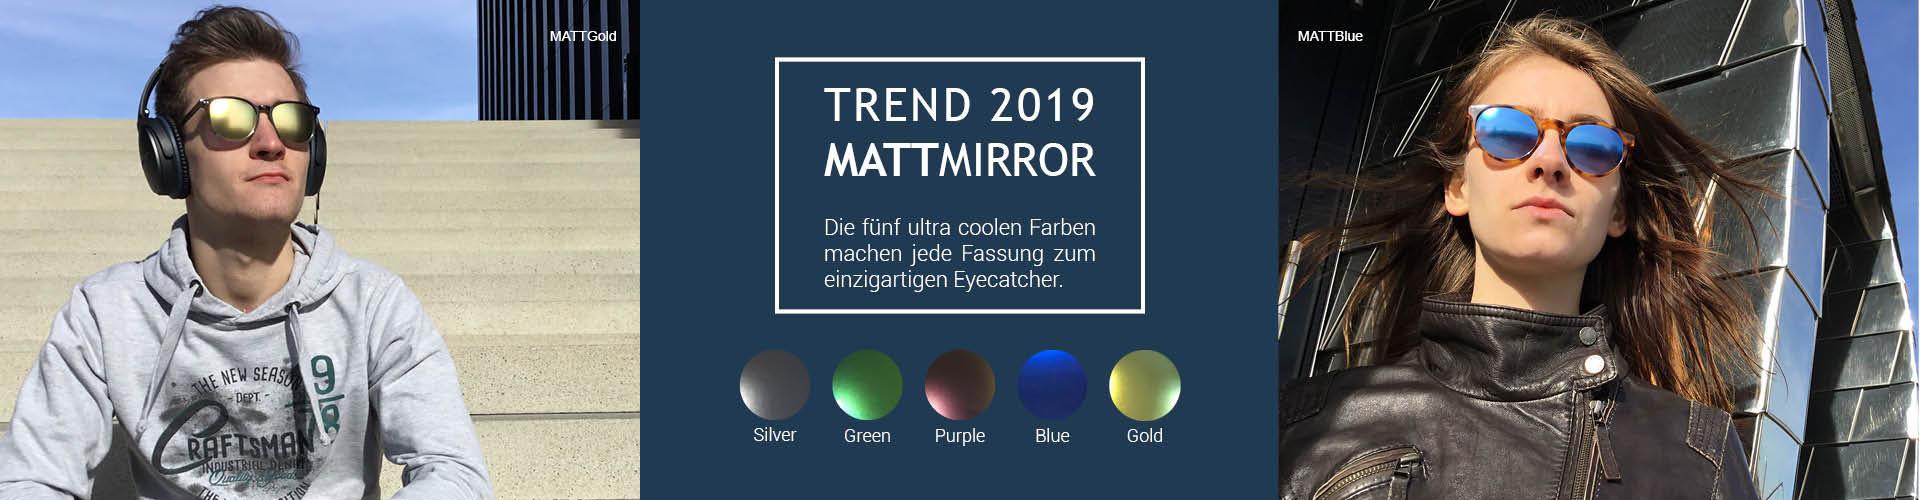 Optix Direct - Matt Mirror in den Farben Gold Silber Grün, Blau Purple sind ein einzigartiger Eyecatcher